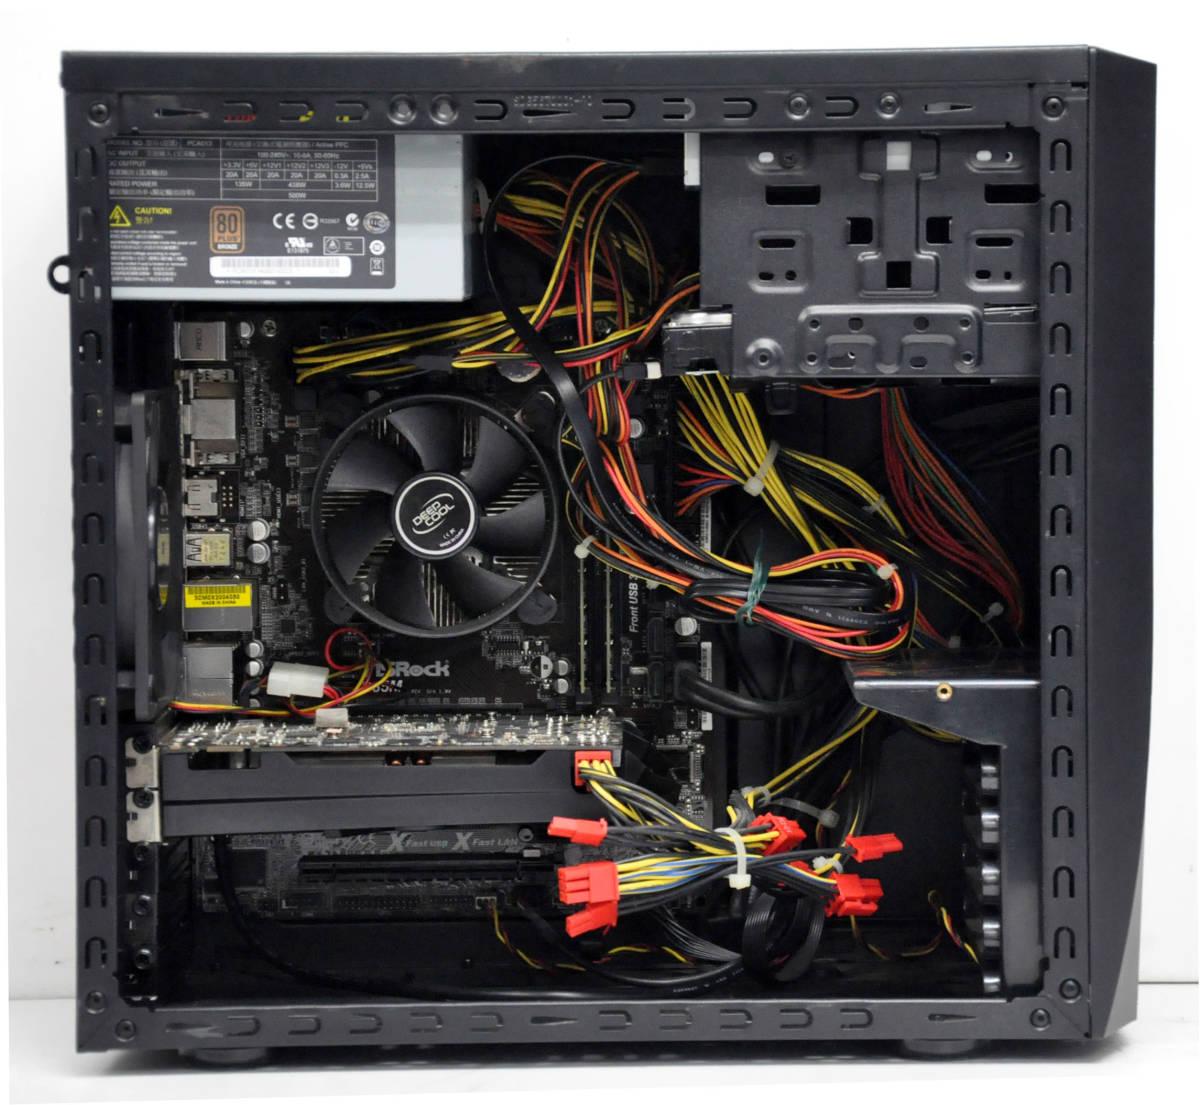 ★ 超ハイスペック GTX 660*2GB搭載 ゲーミングPC Corei7-4770 3.4GHz/ メモリ16GB / SSD240GB + 1TB / マルチ ★ GALLERIA ★ Win10_画像2